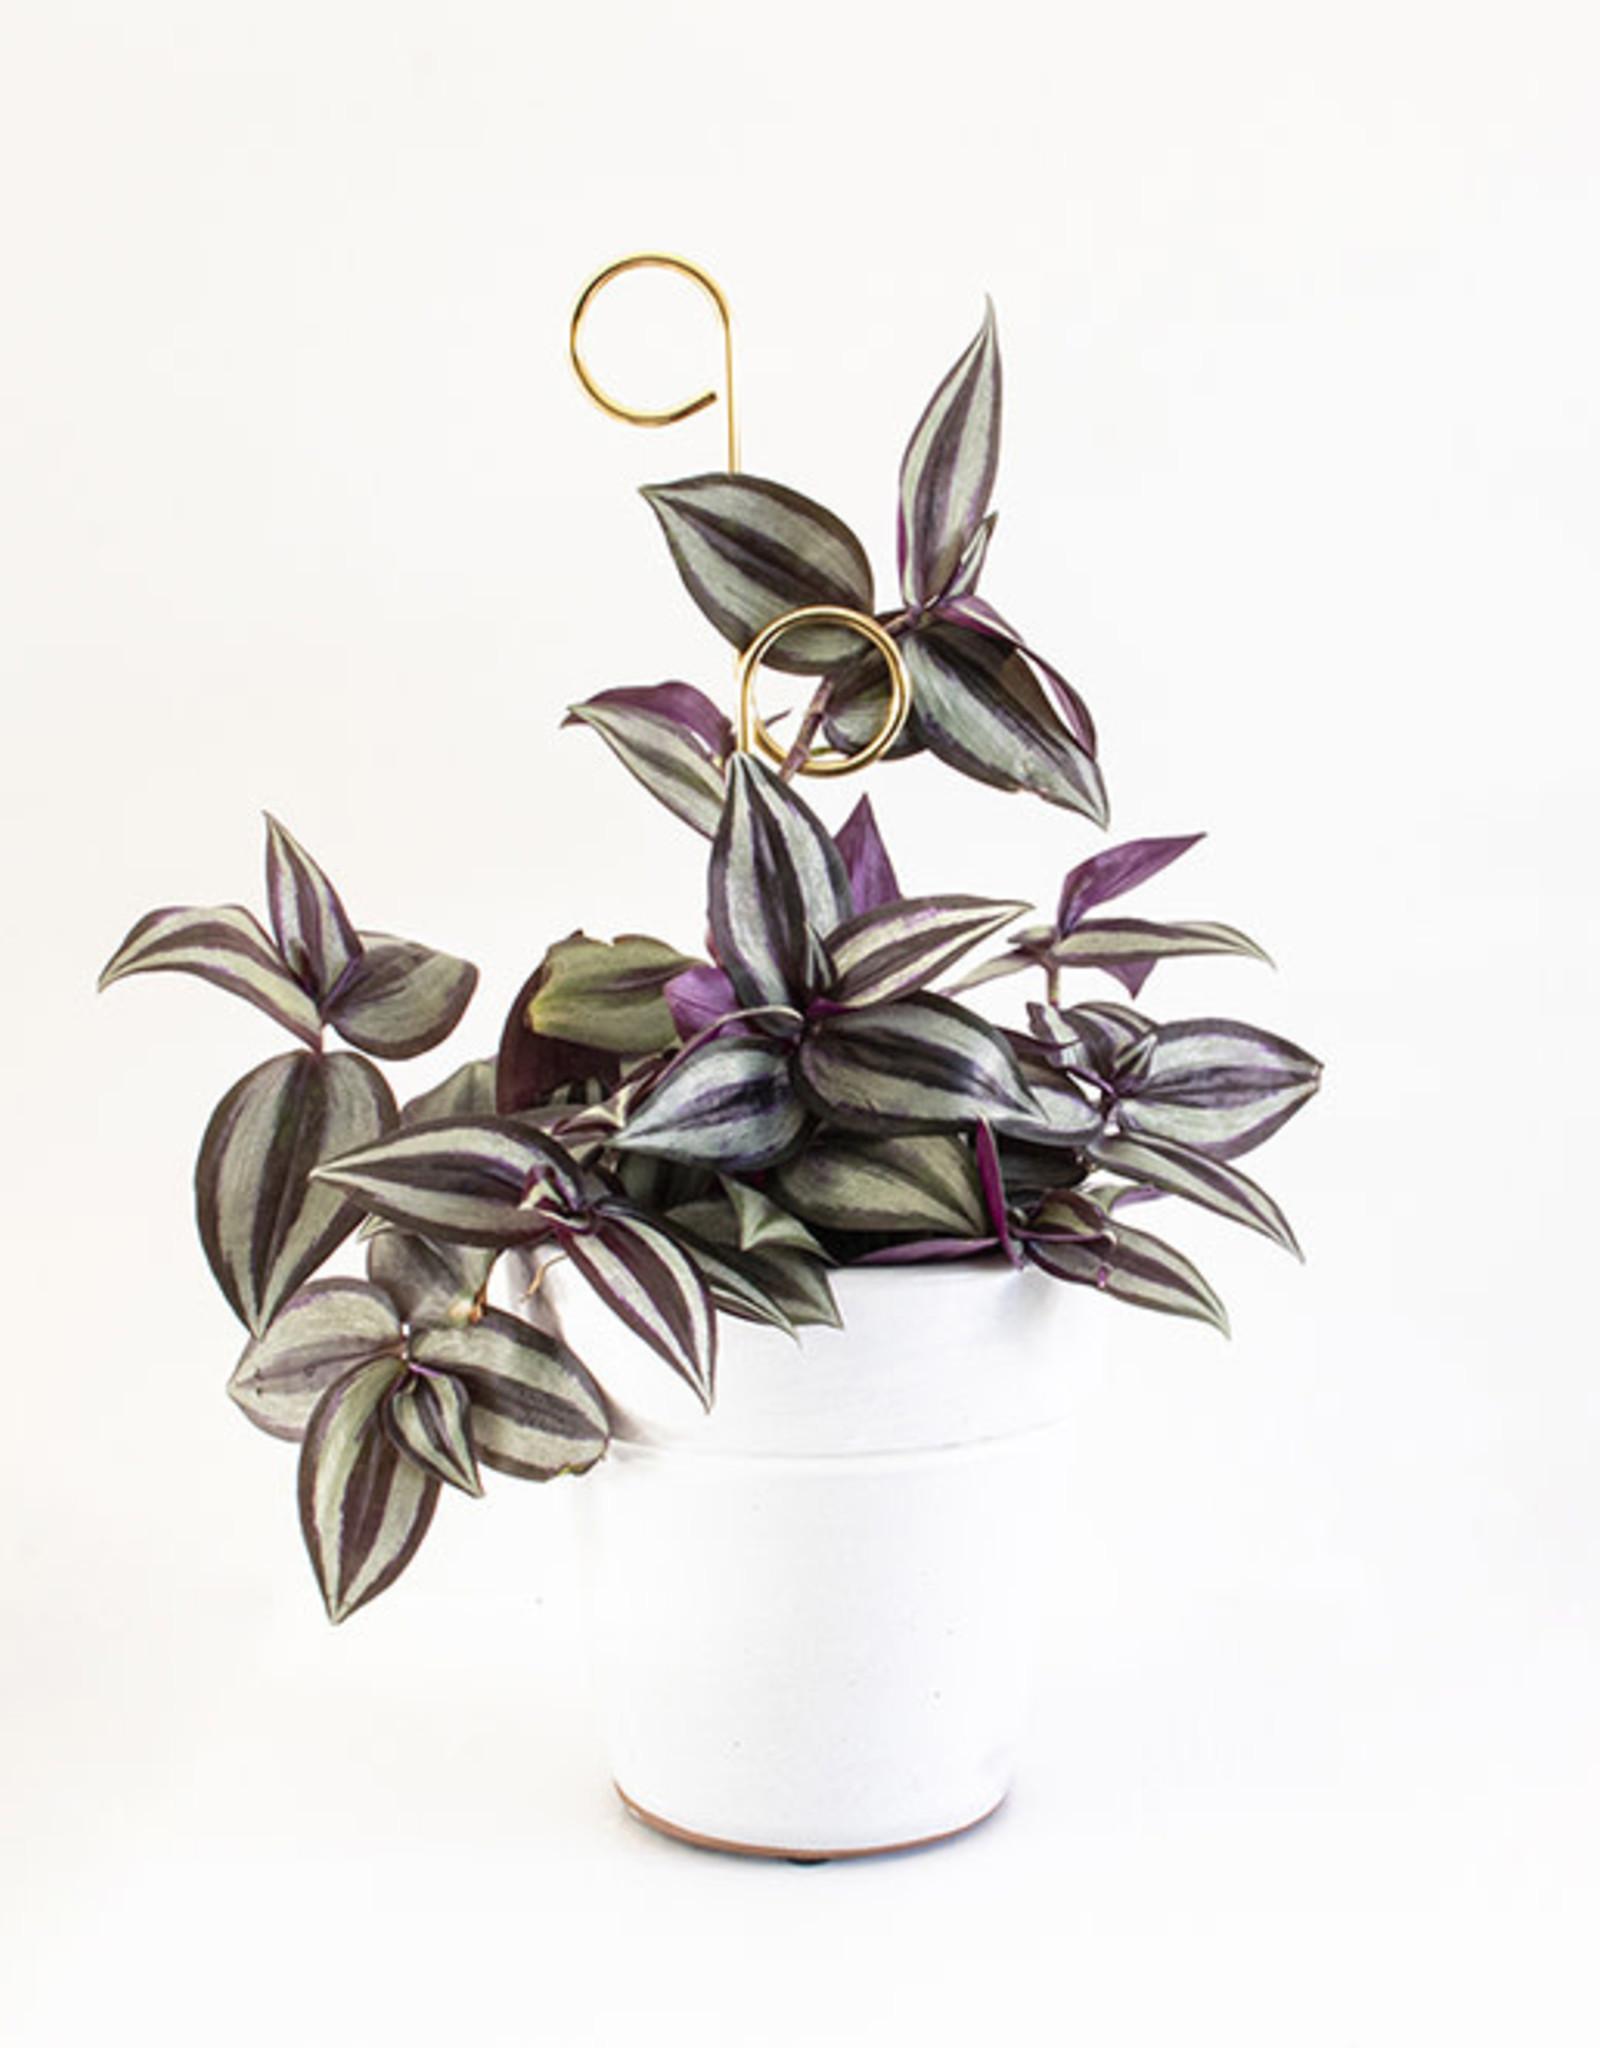 Botanopia Copy of Golden Plant Stake Mini - Bump